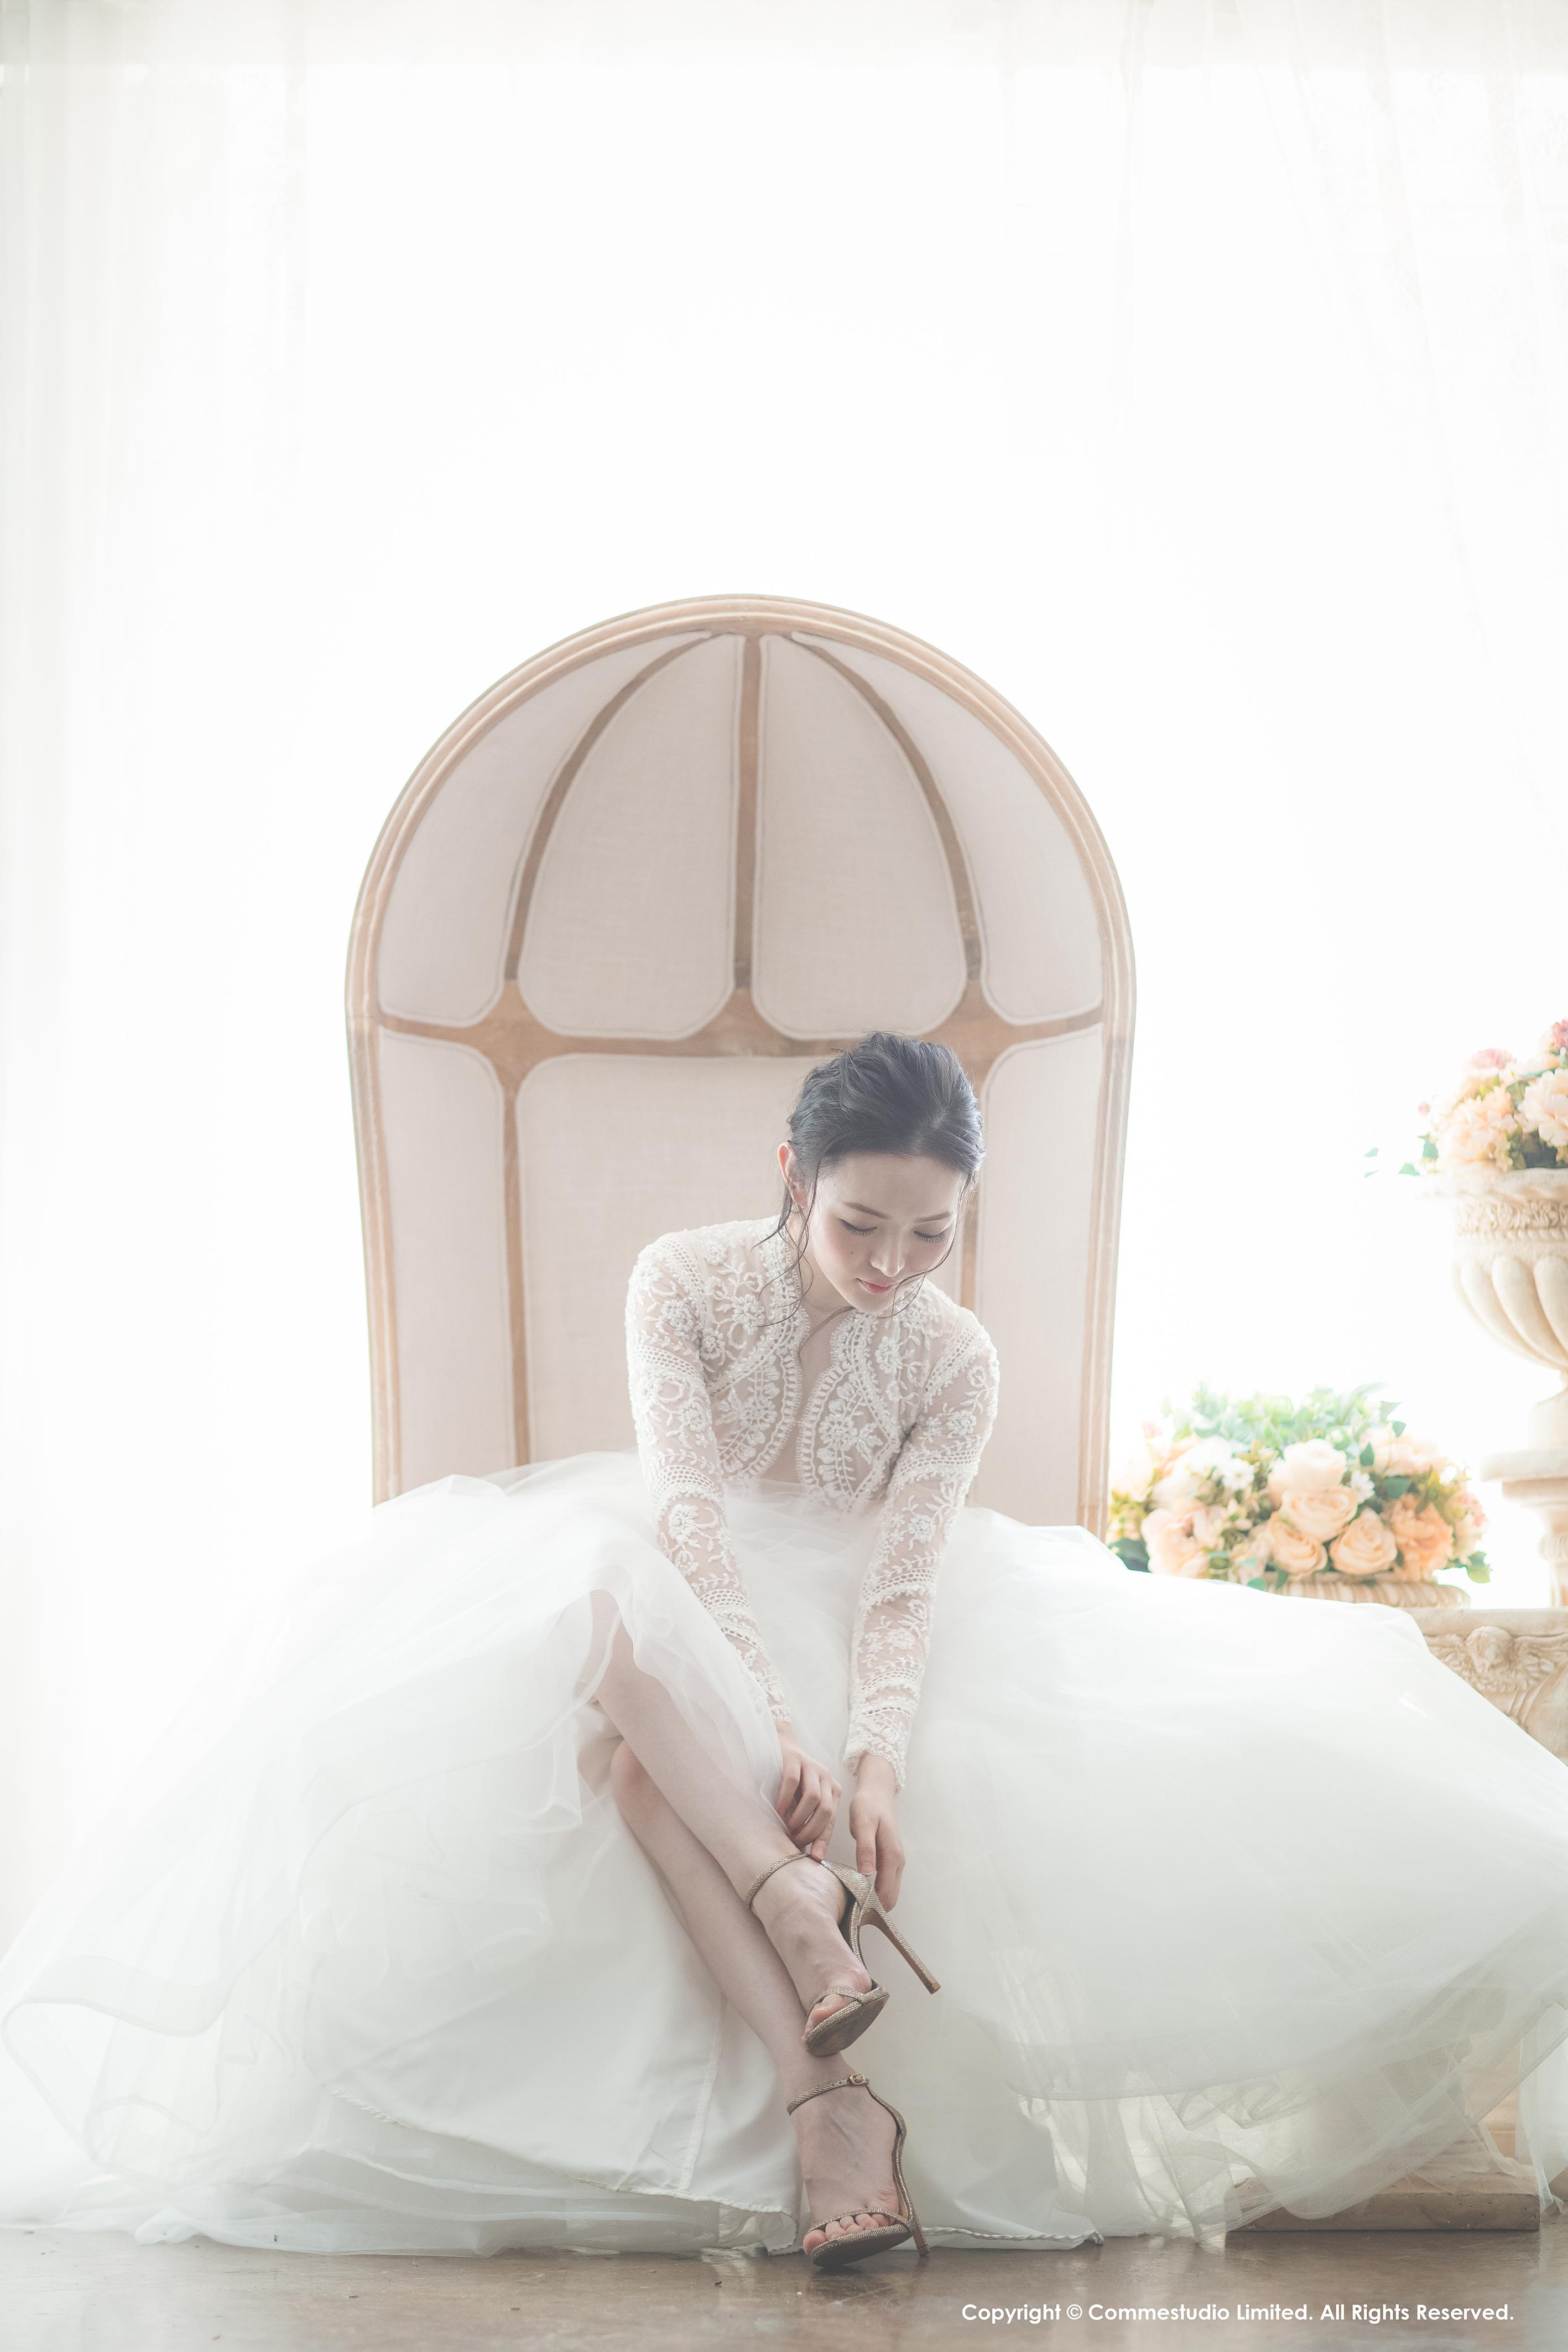 alisha&Lace light dream, comme photo